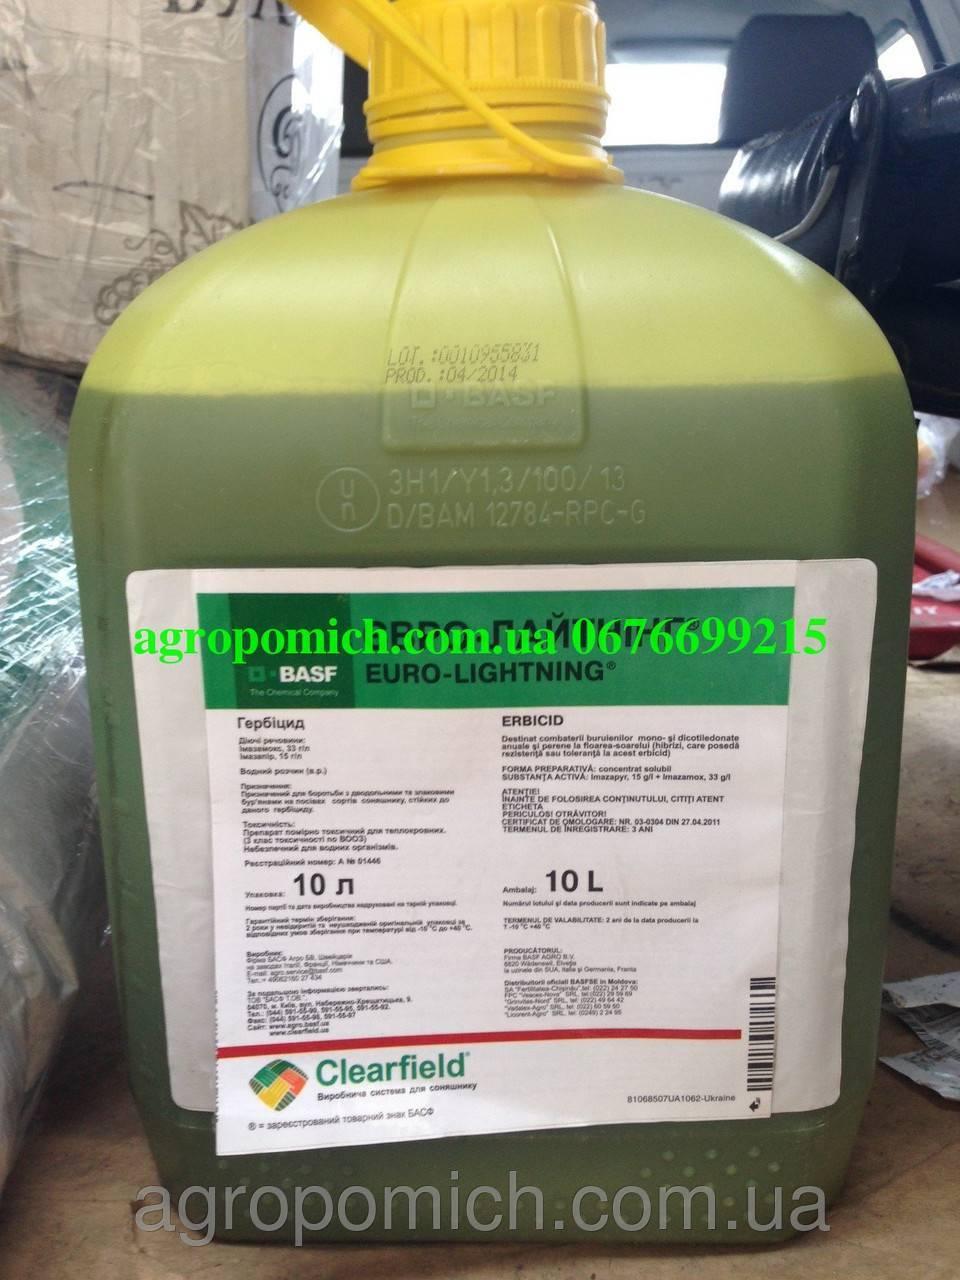 Инструкция по применению гербицида евролайтинг: норма внесения, аналоги, что можно сеять после обработки